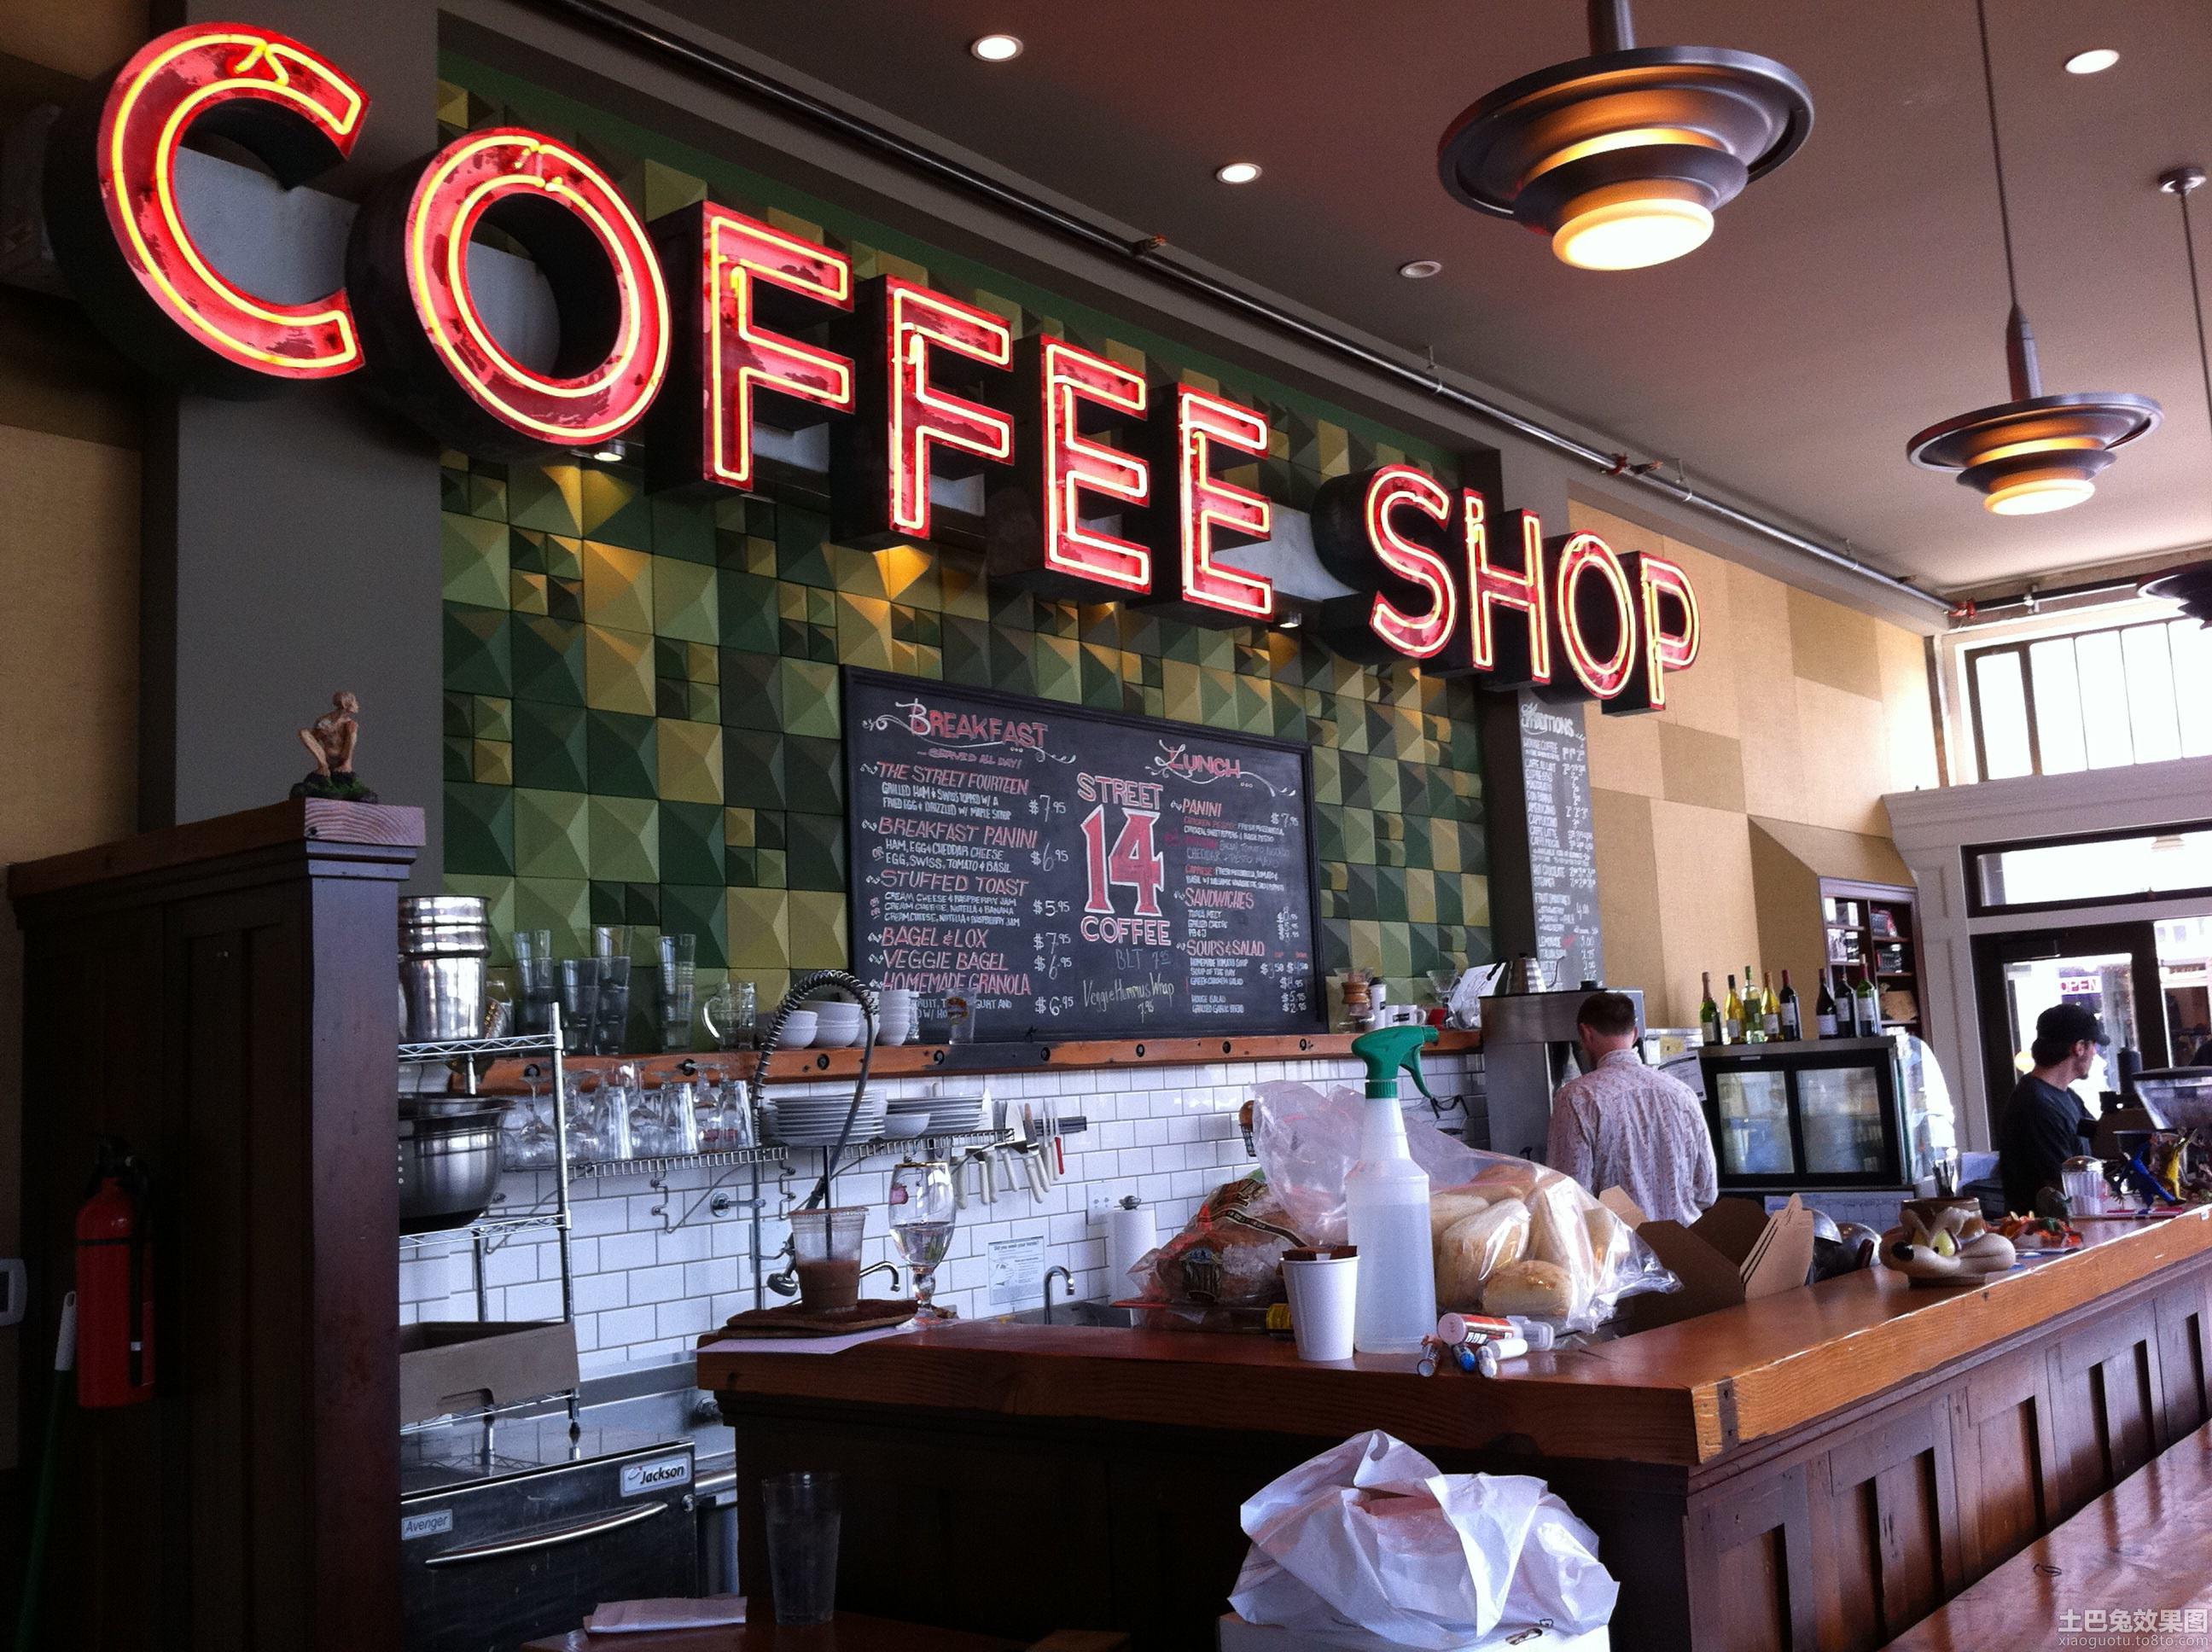 小型咖啡店装修效果图片装修效果图